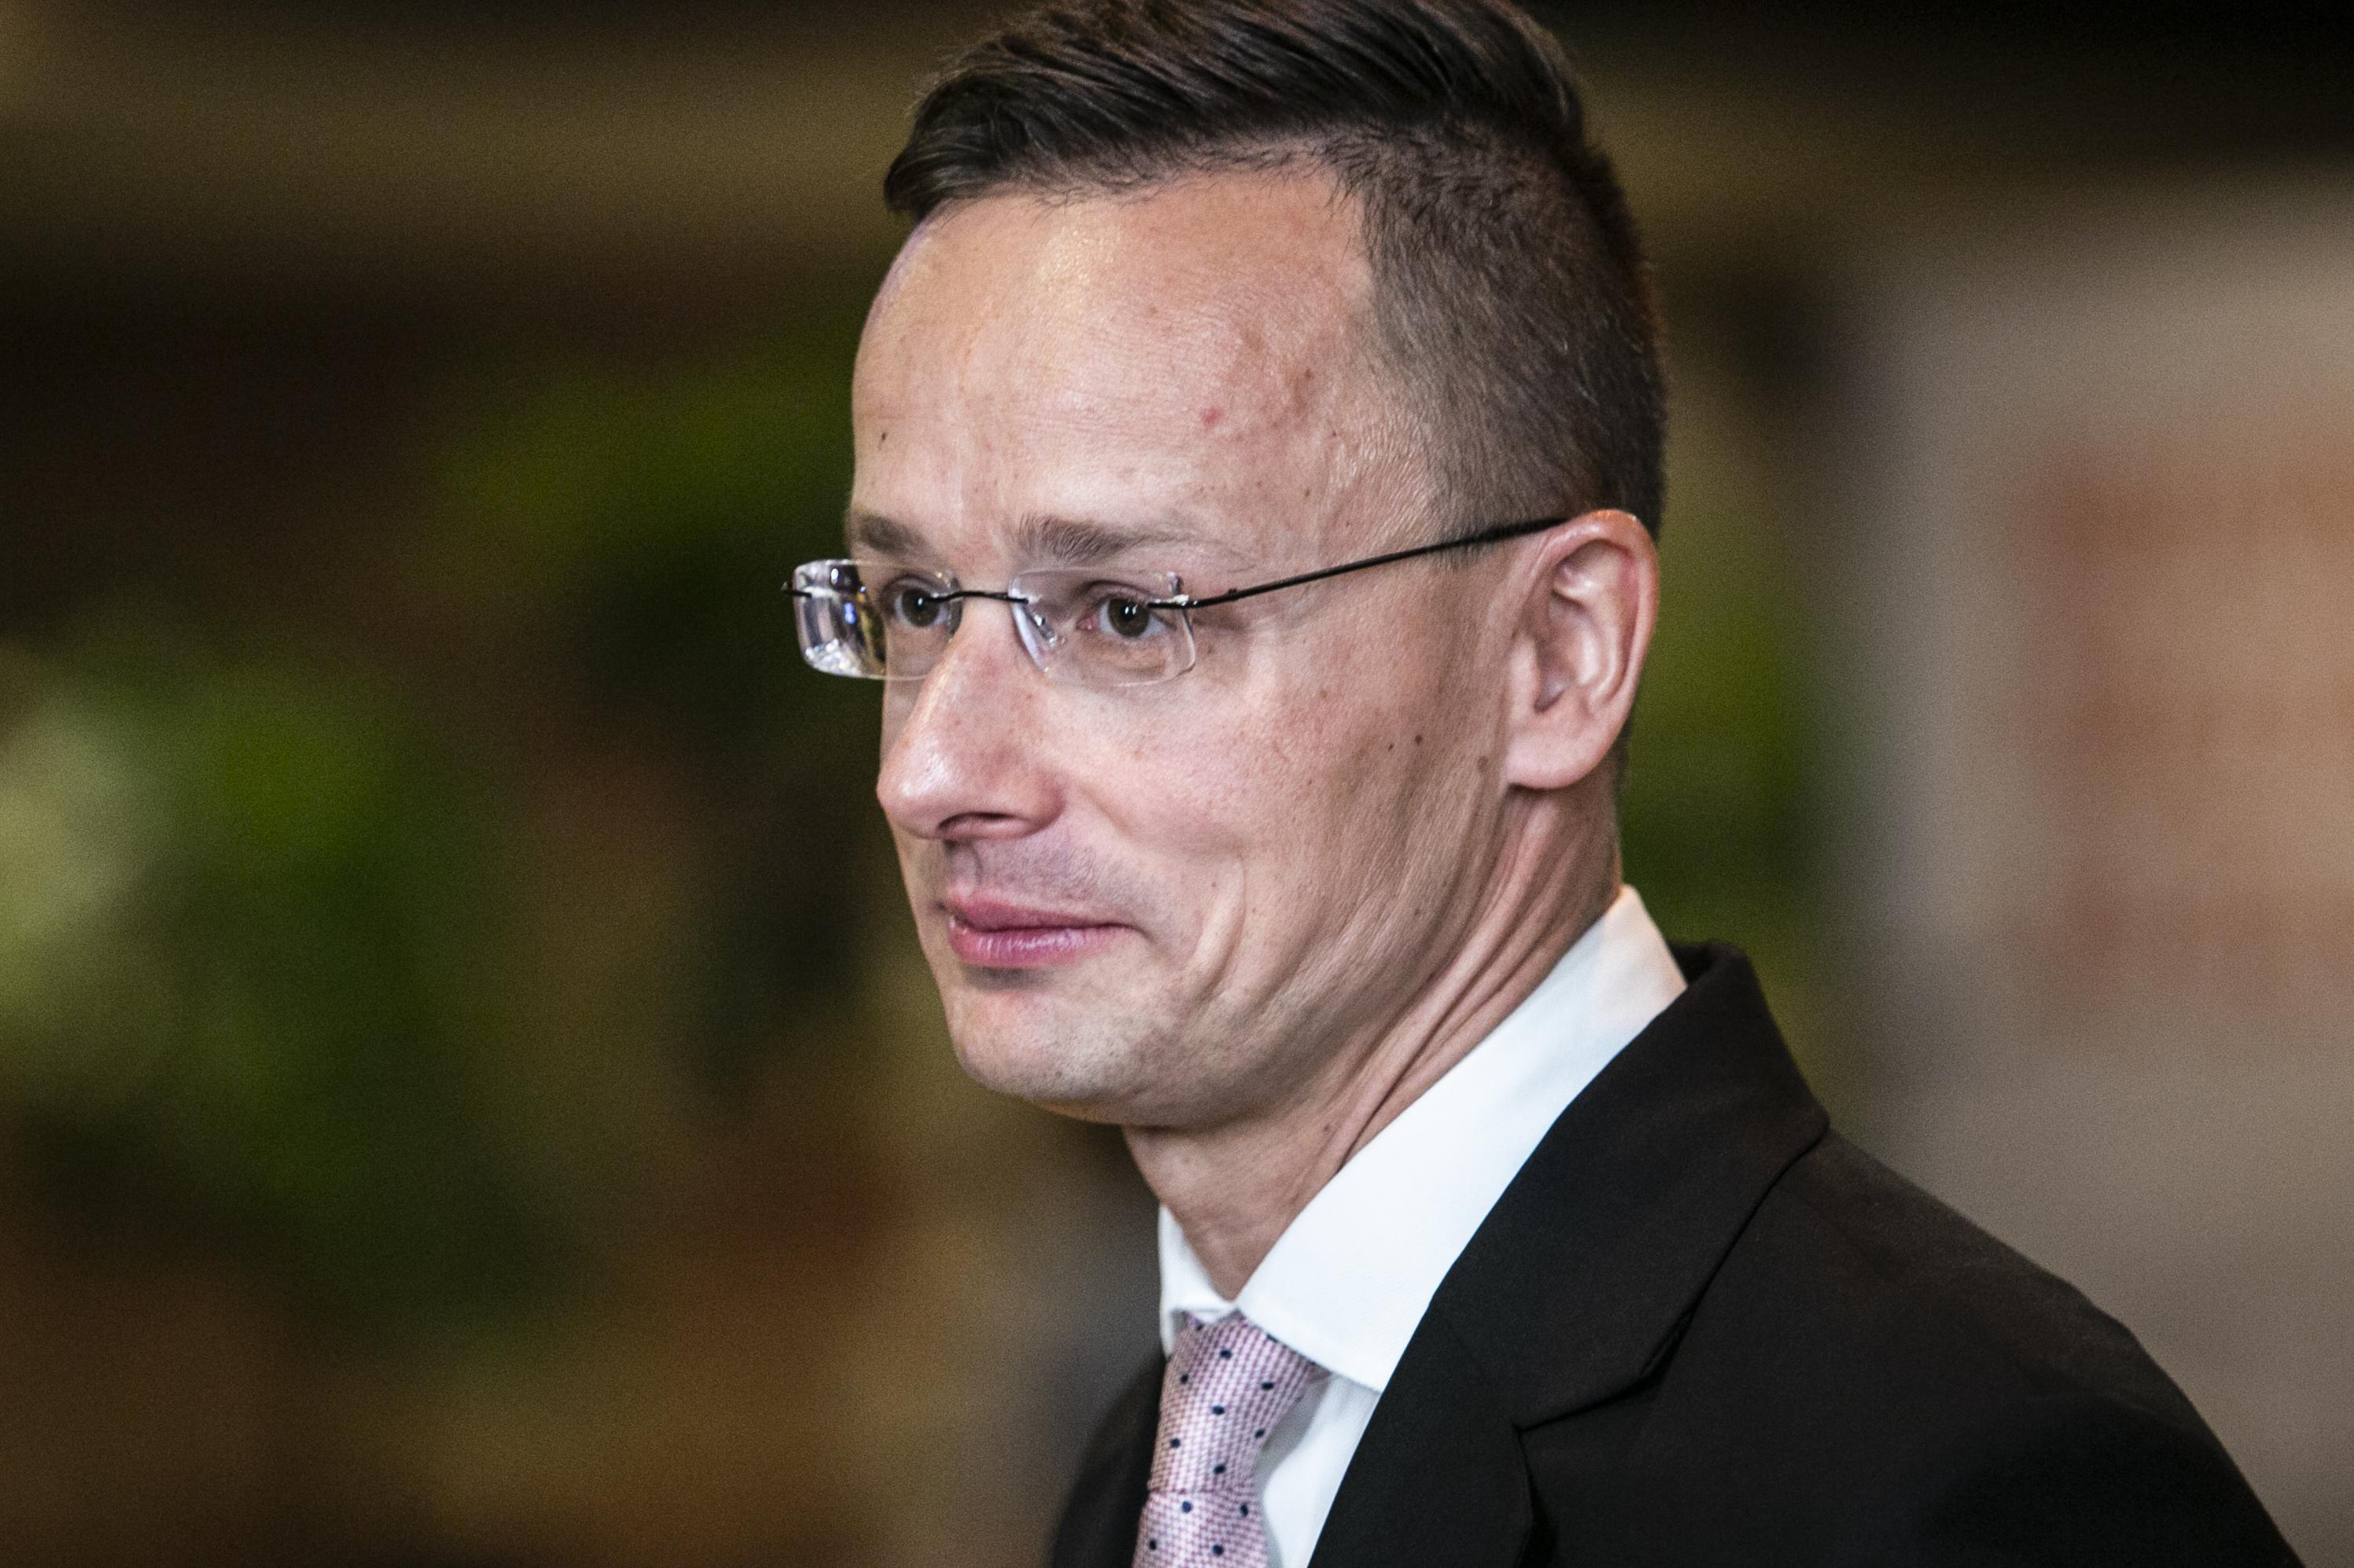 Külügyminisztérium: Szijjártó sosem engedné el maga mellől a helyettesét